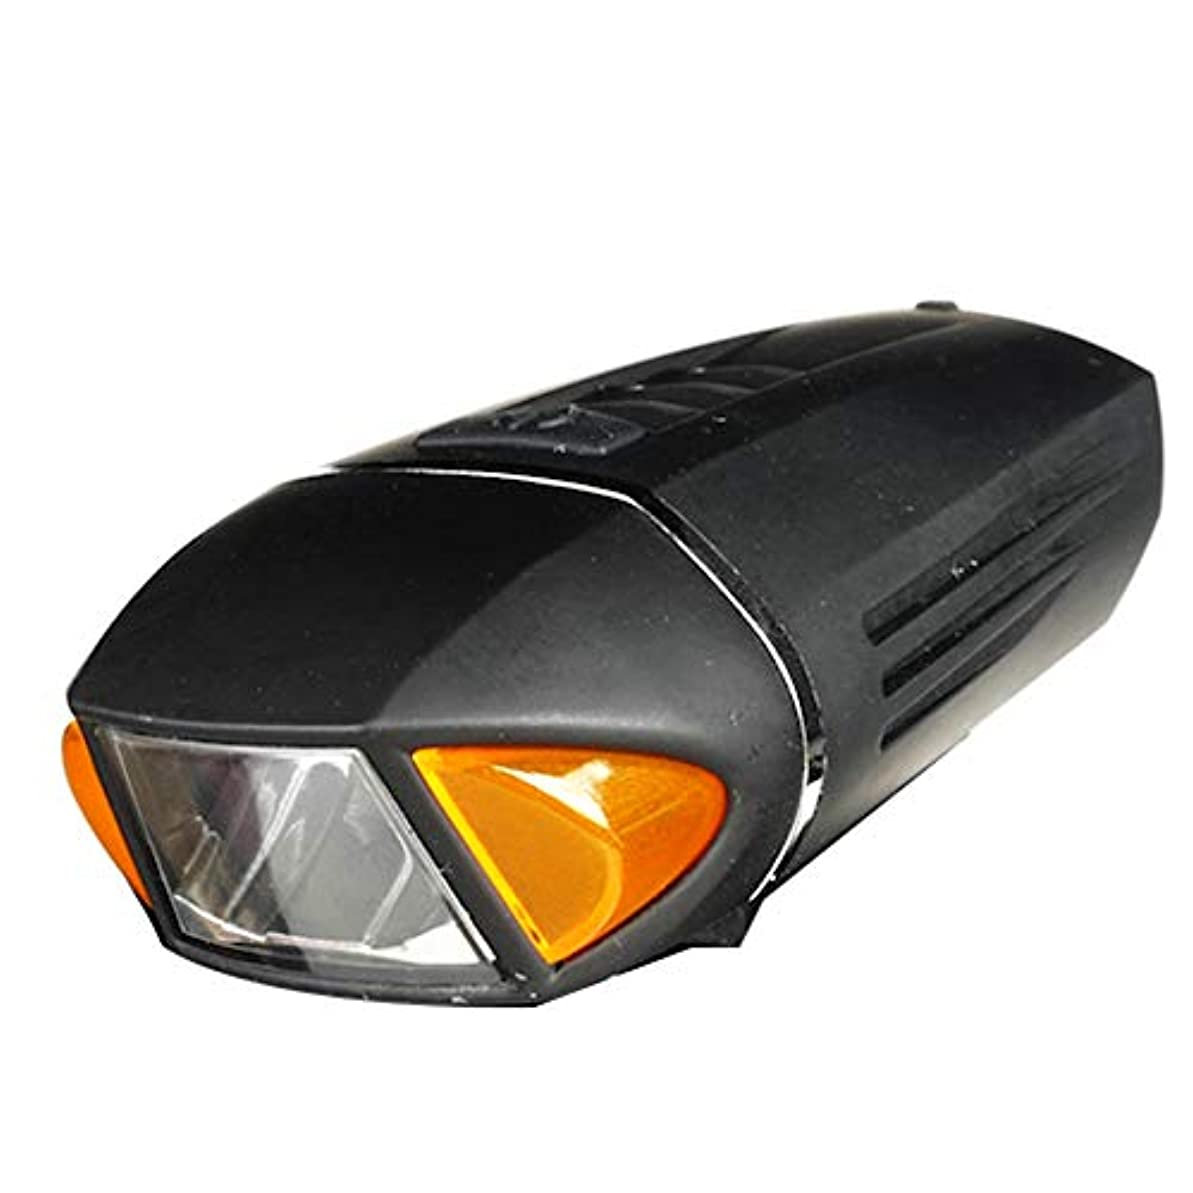 トレーニングお願いしますビヨン自転車ライト、ワイヤレスリモコンマウンテンバイクヘッドライト強力なライトホーンライト、機器アクセサリー防水USB充電車のヘッドライト YZRCRK